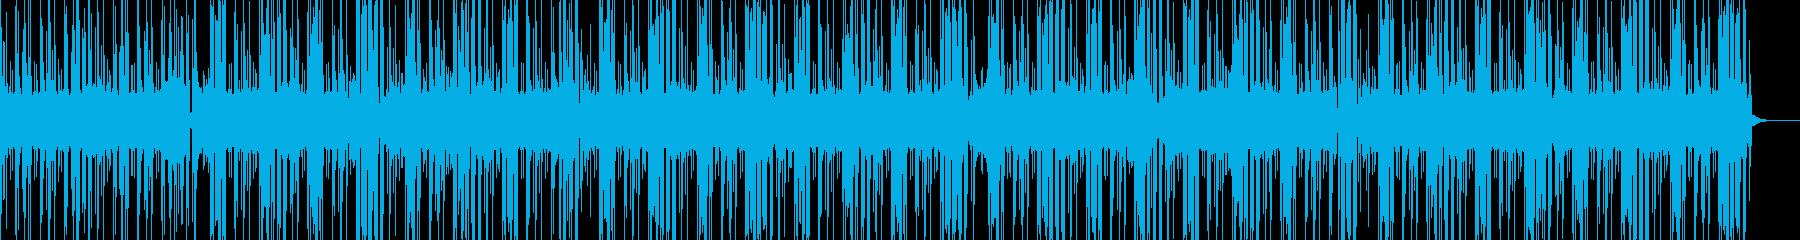 このサイトで一番かっこいいヒップホップの再生済みの波形